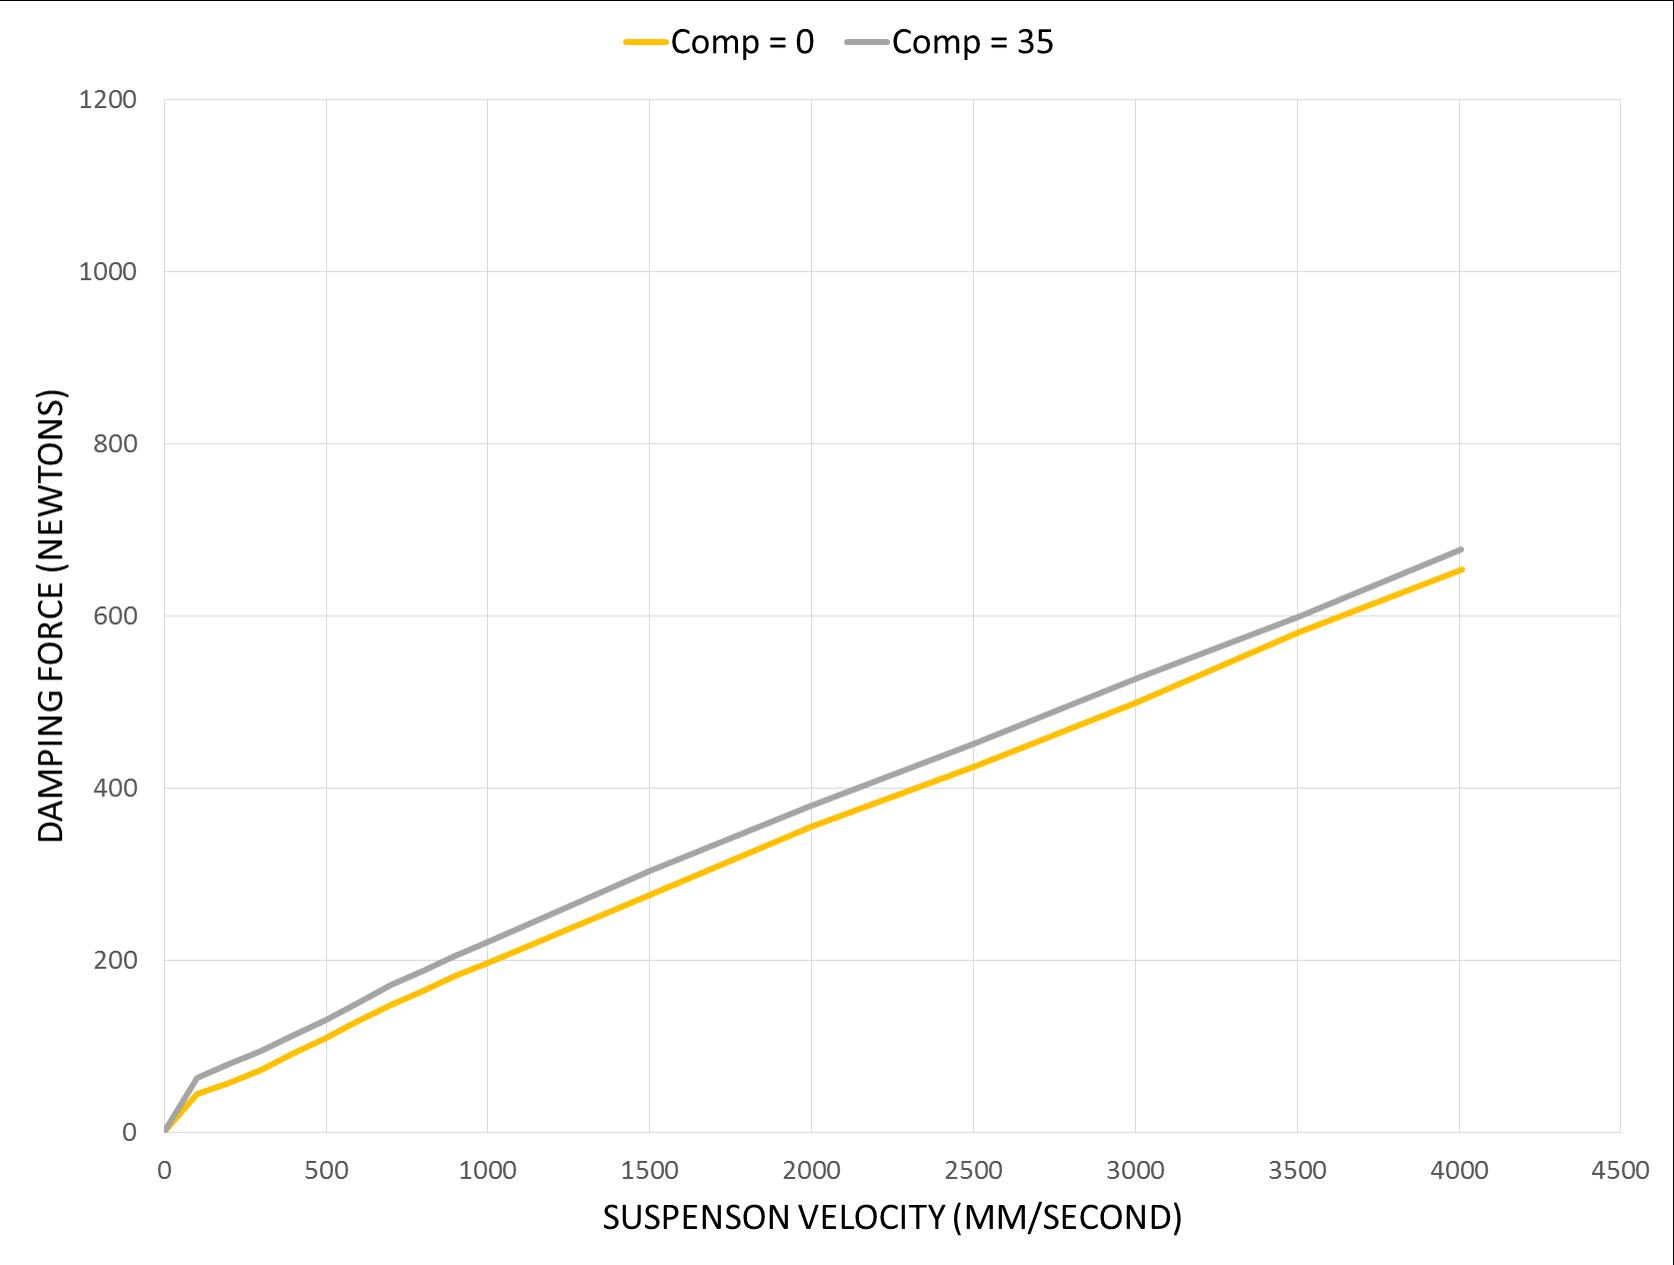 AER 48 stock compression adjustment range